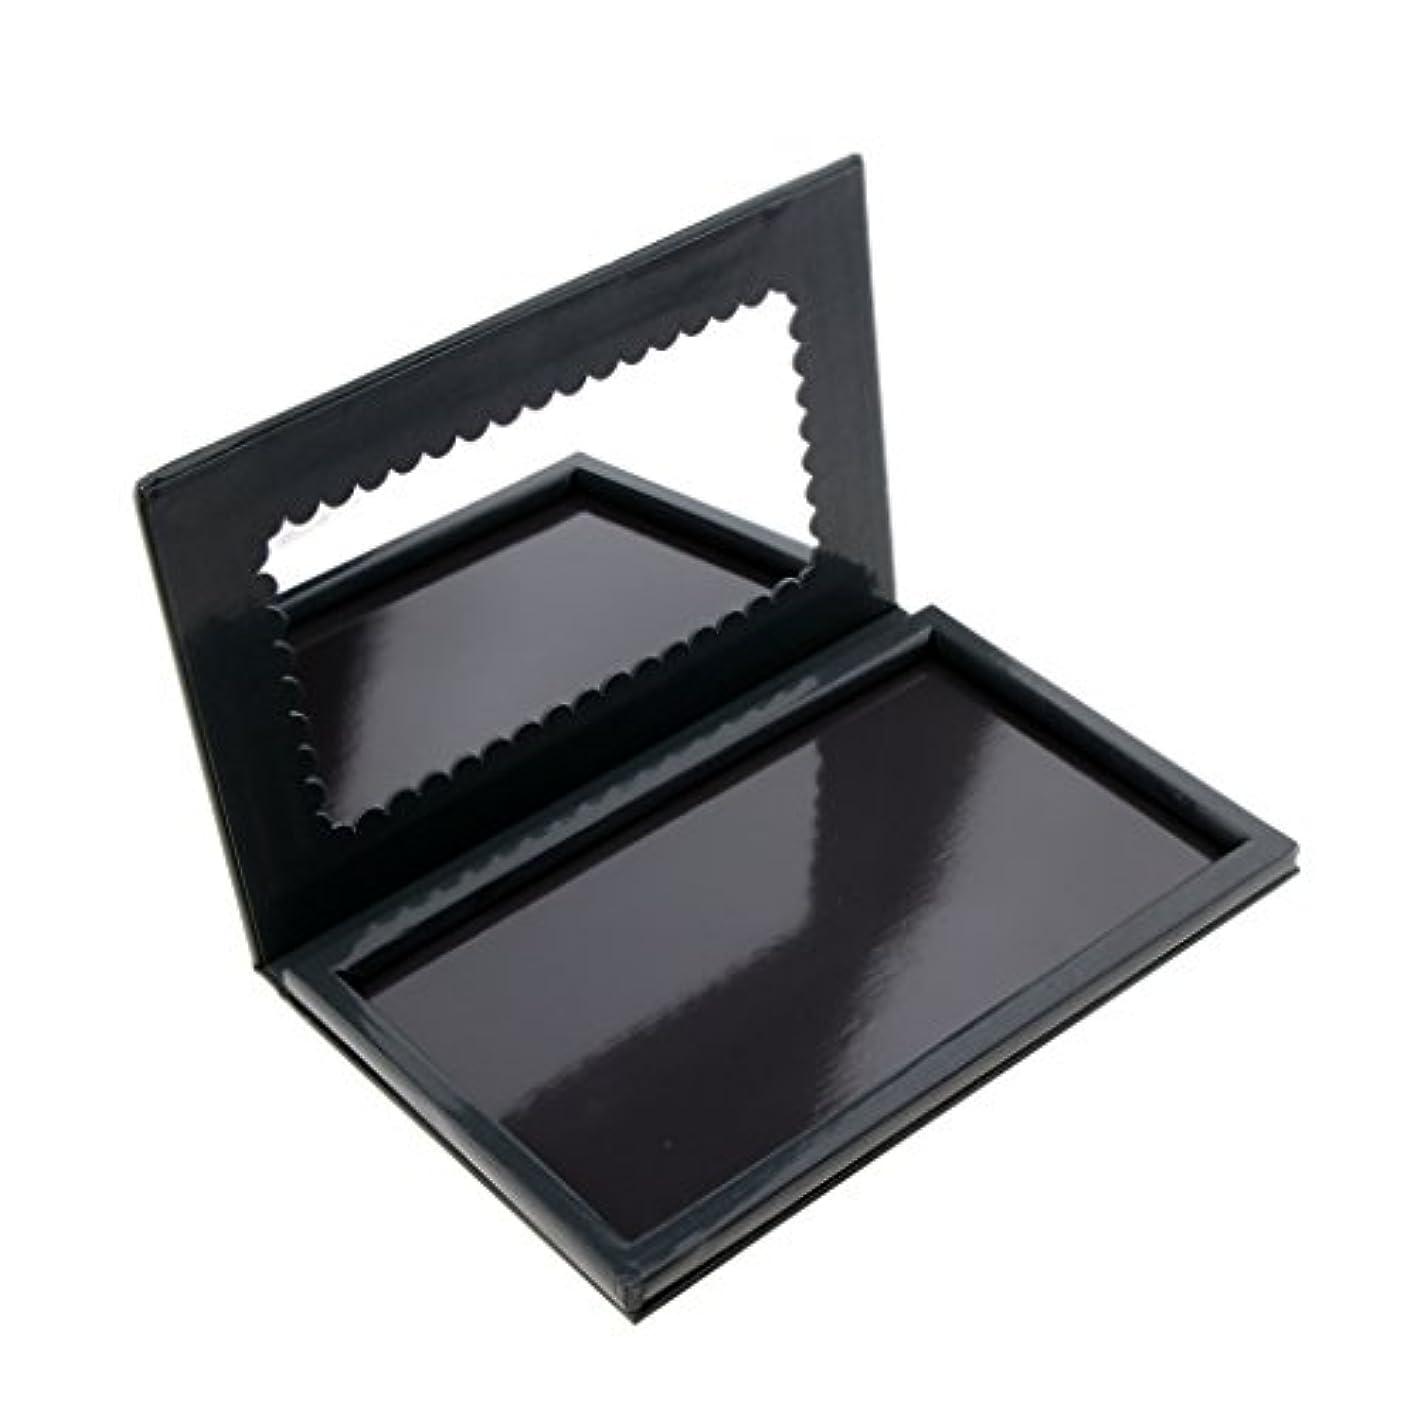 忙しい抹消新着Homyl メイクアップパレット 磁気パレット コスメ 詰替え DIY 収納 ボックス メイクアップ